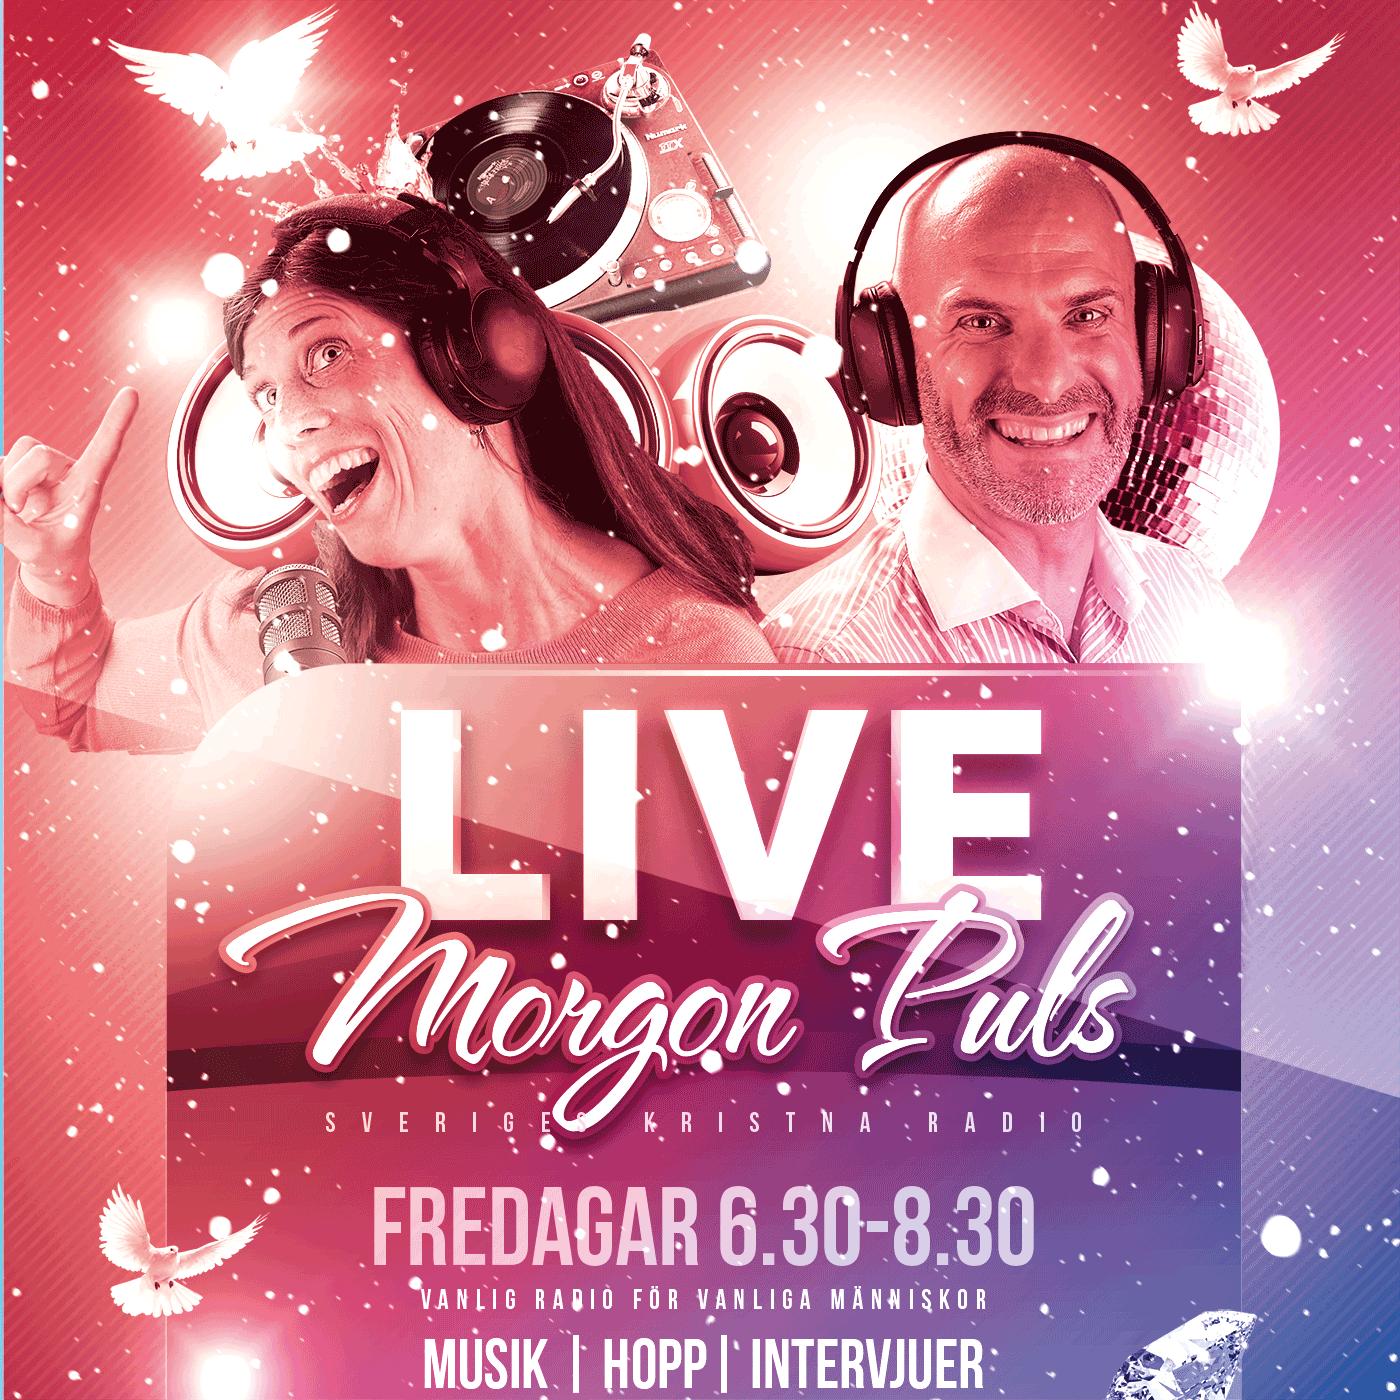 Morgon Puls – Sveriges Kristna Radio